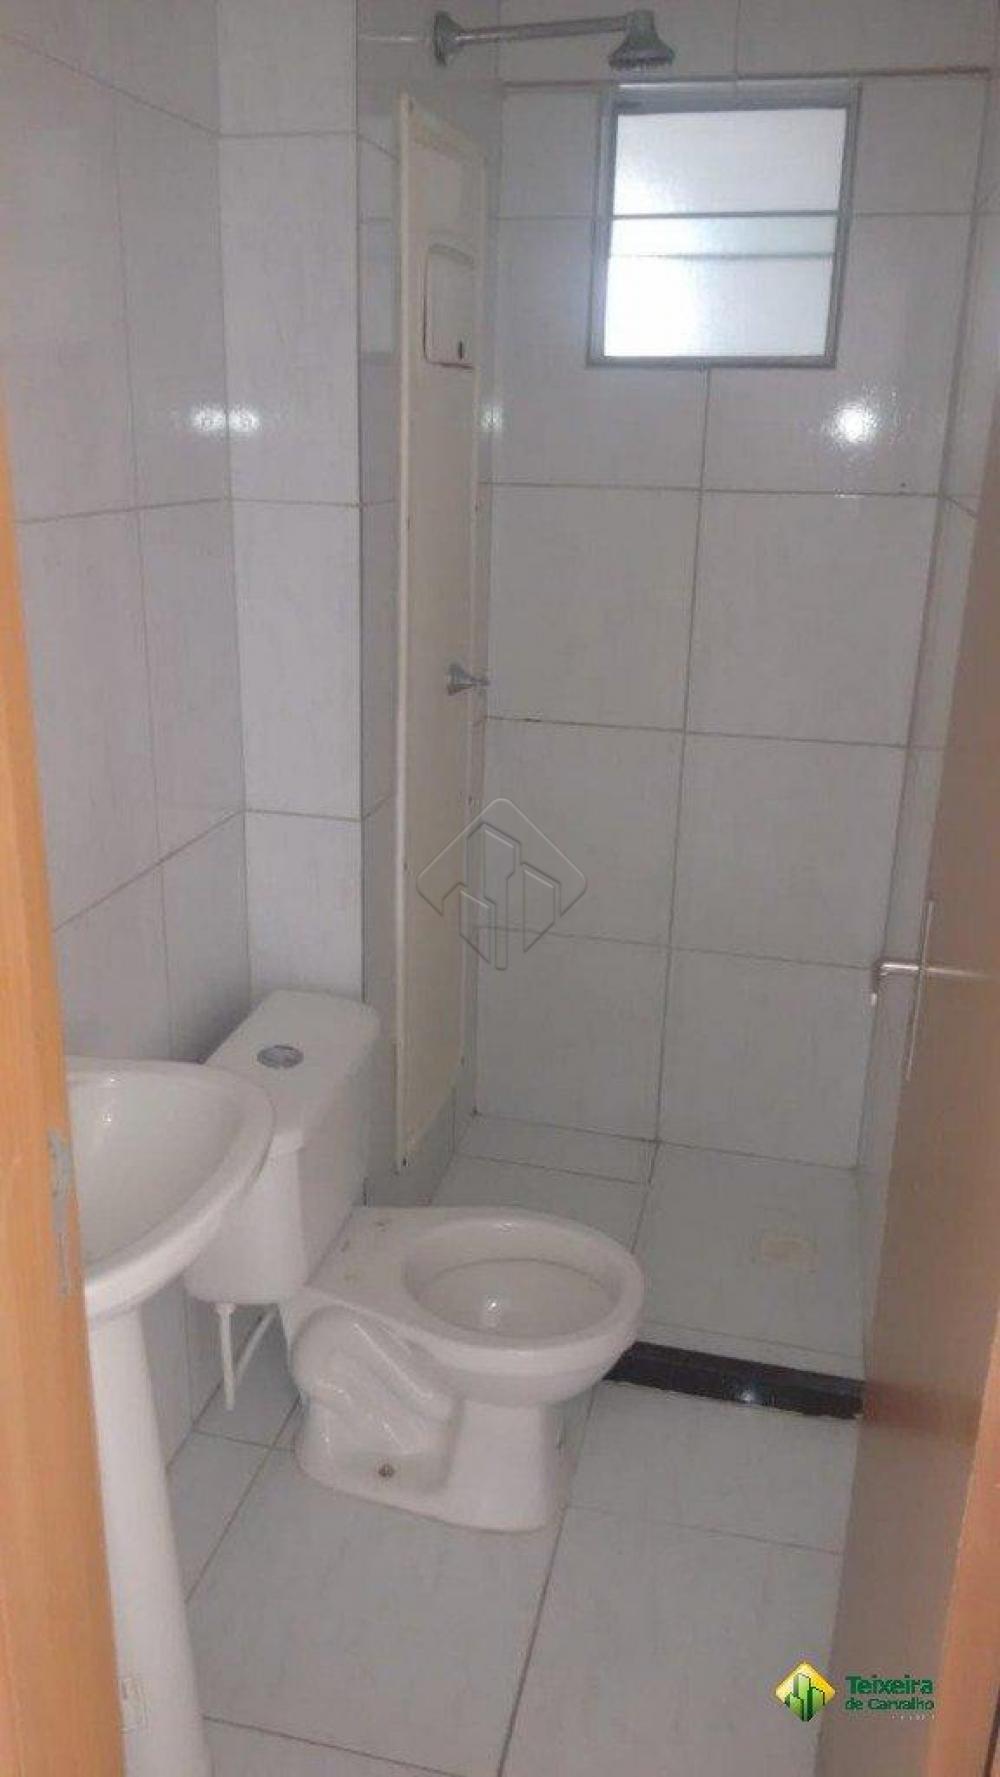 Comprar Apartamento / Padrão em João Pessoa apenas R$ 150.000,00 - Foto 13